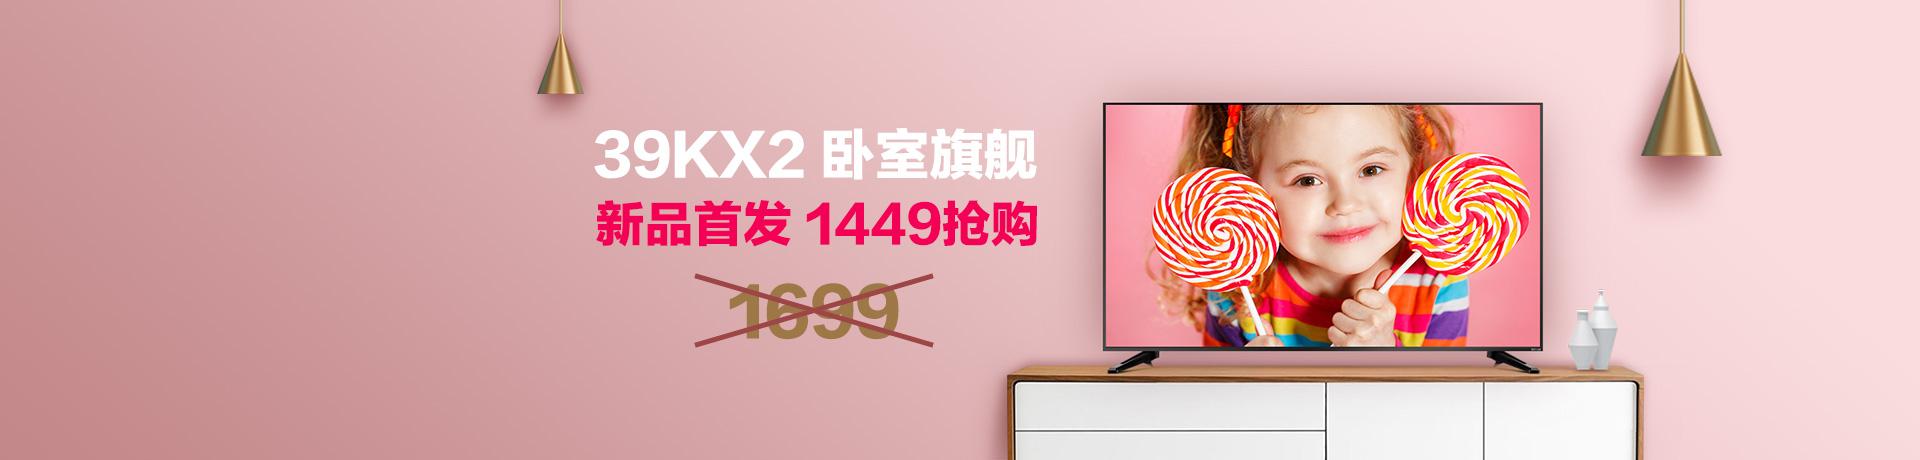 酷开39KX2 卧室旗舰电视 11.11 抢购